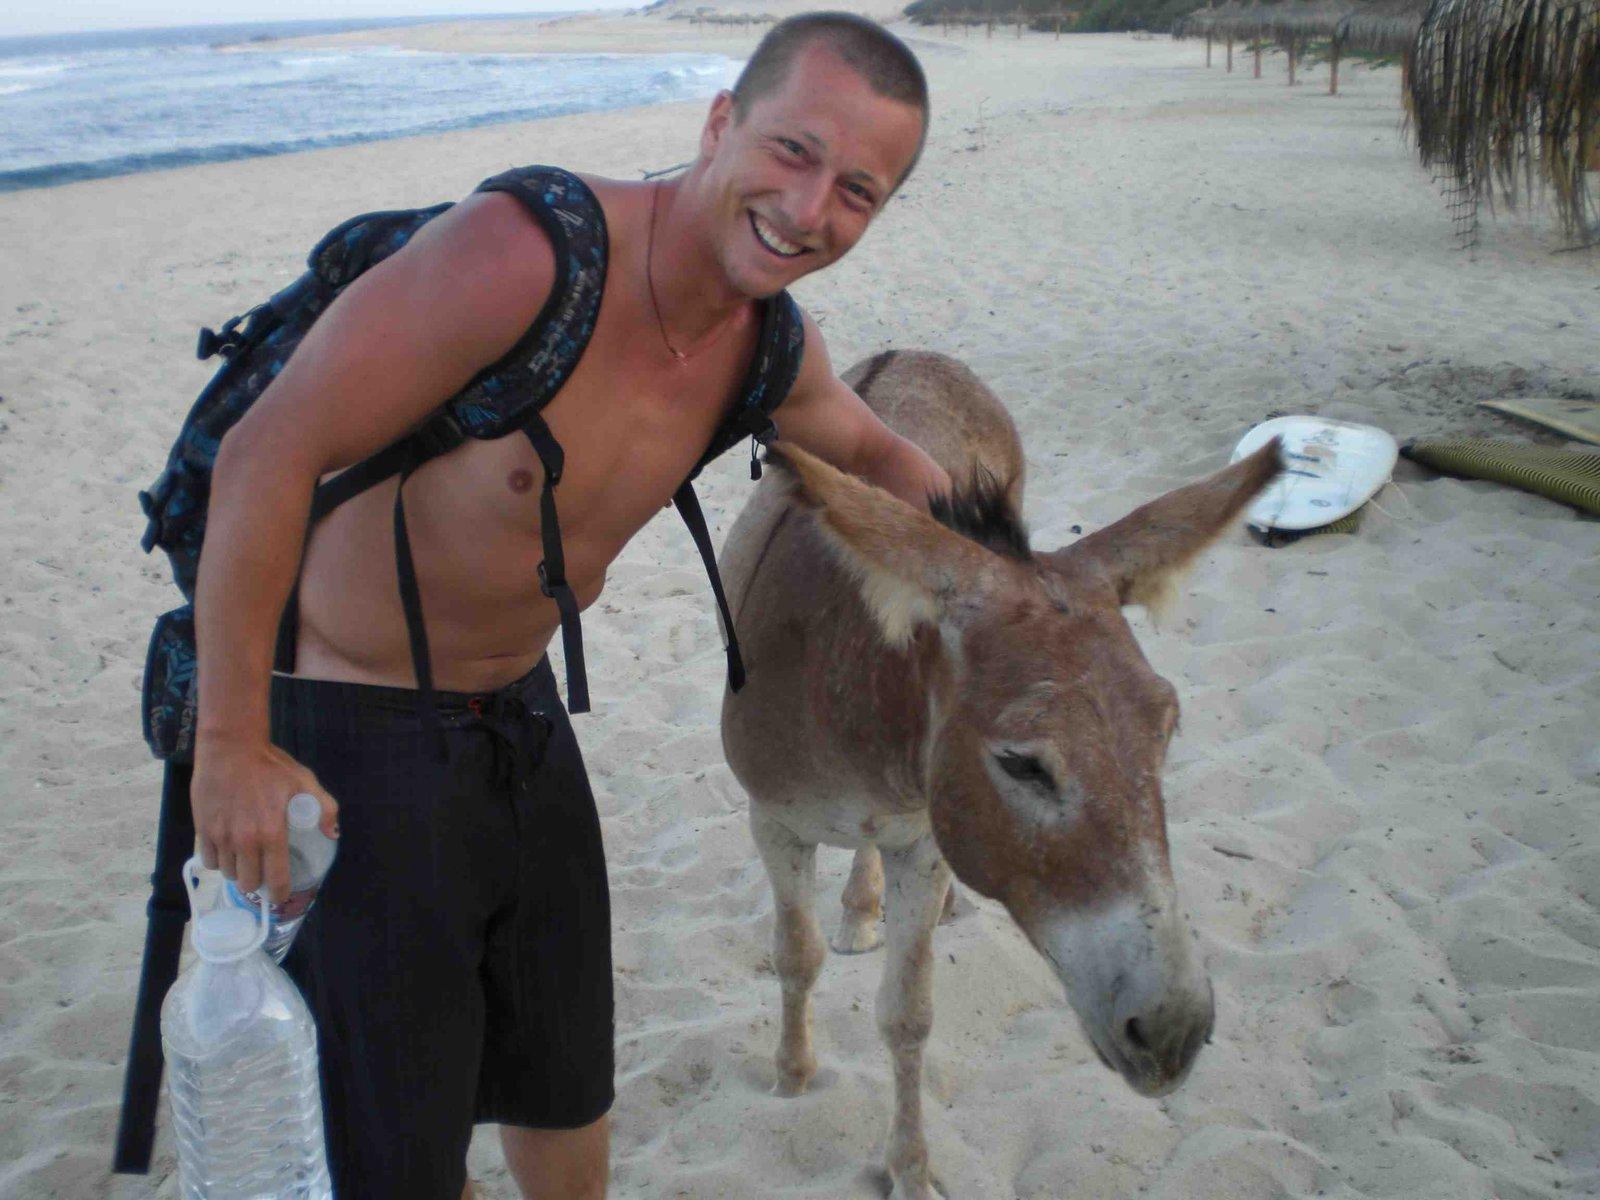 Pep Donkey